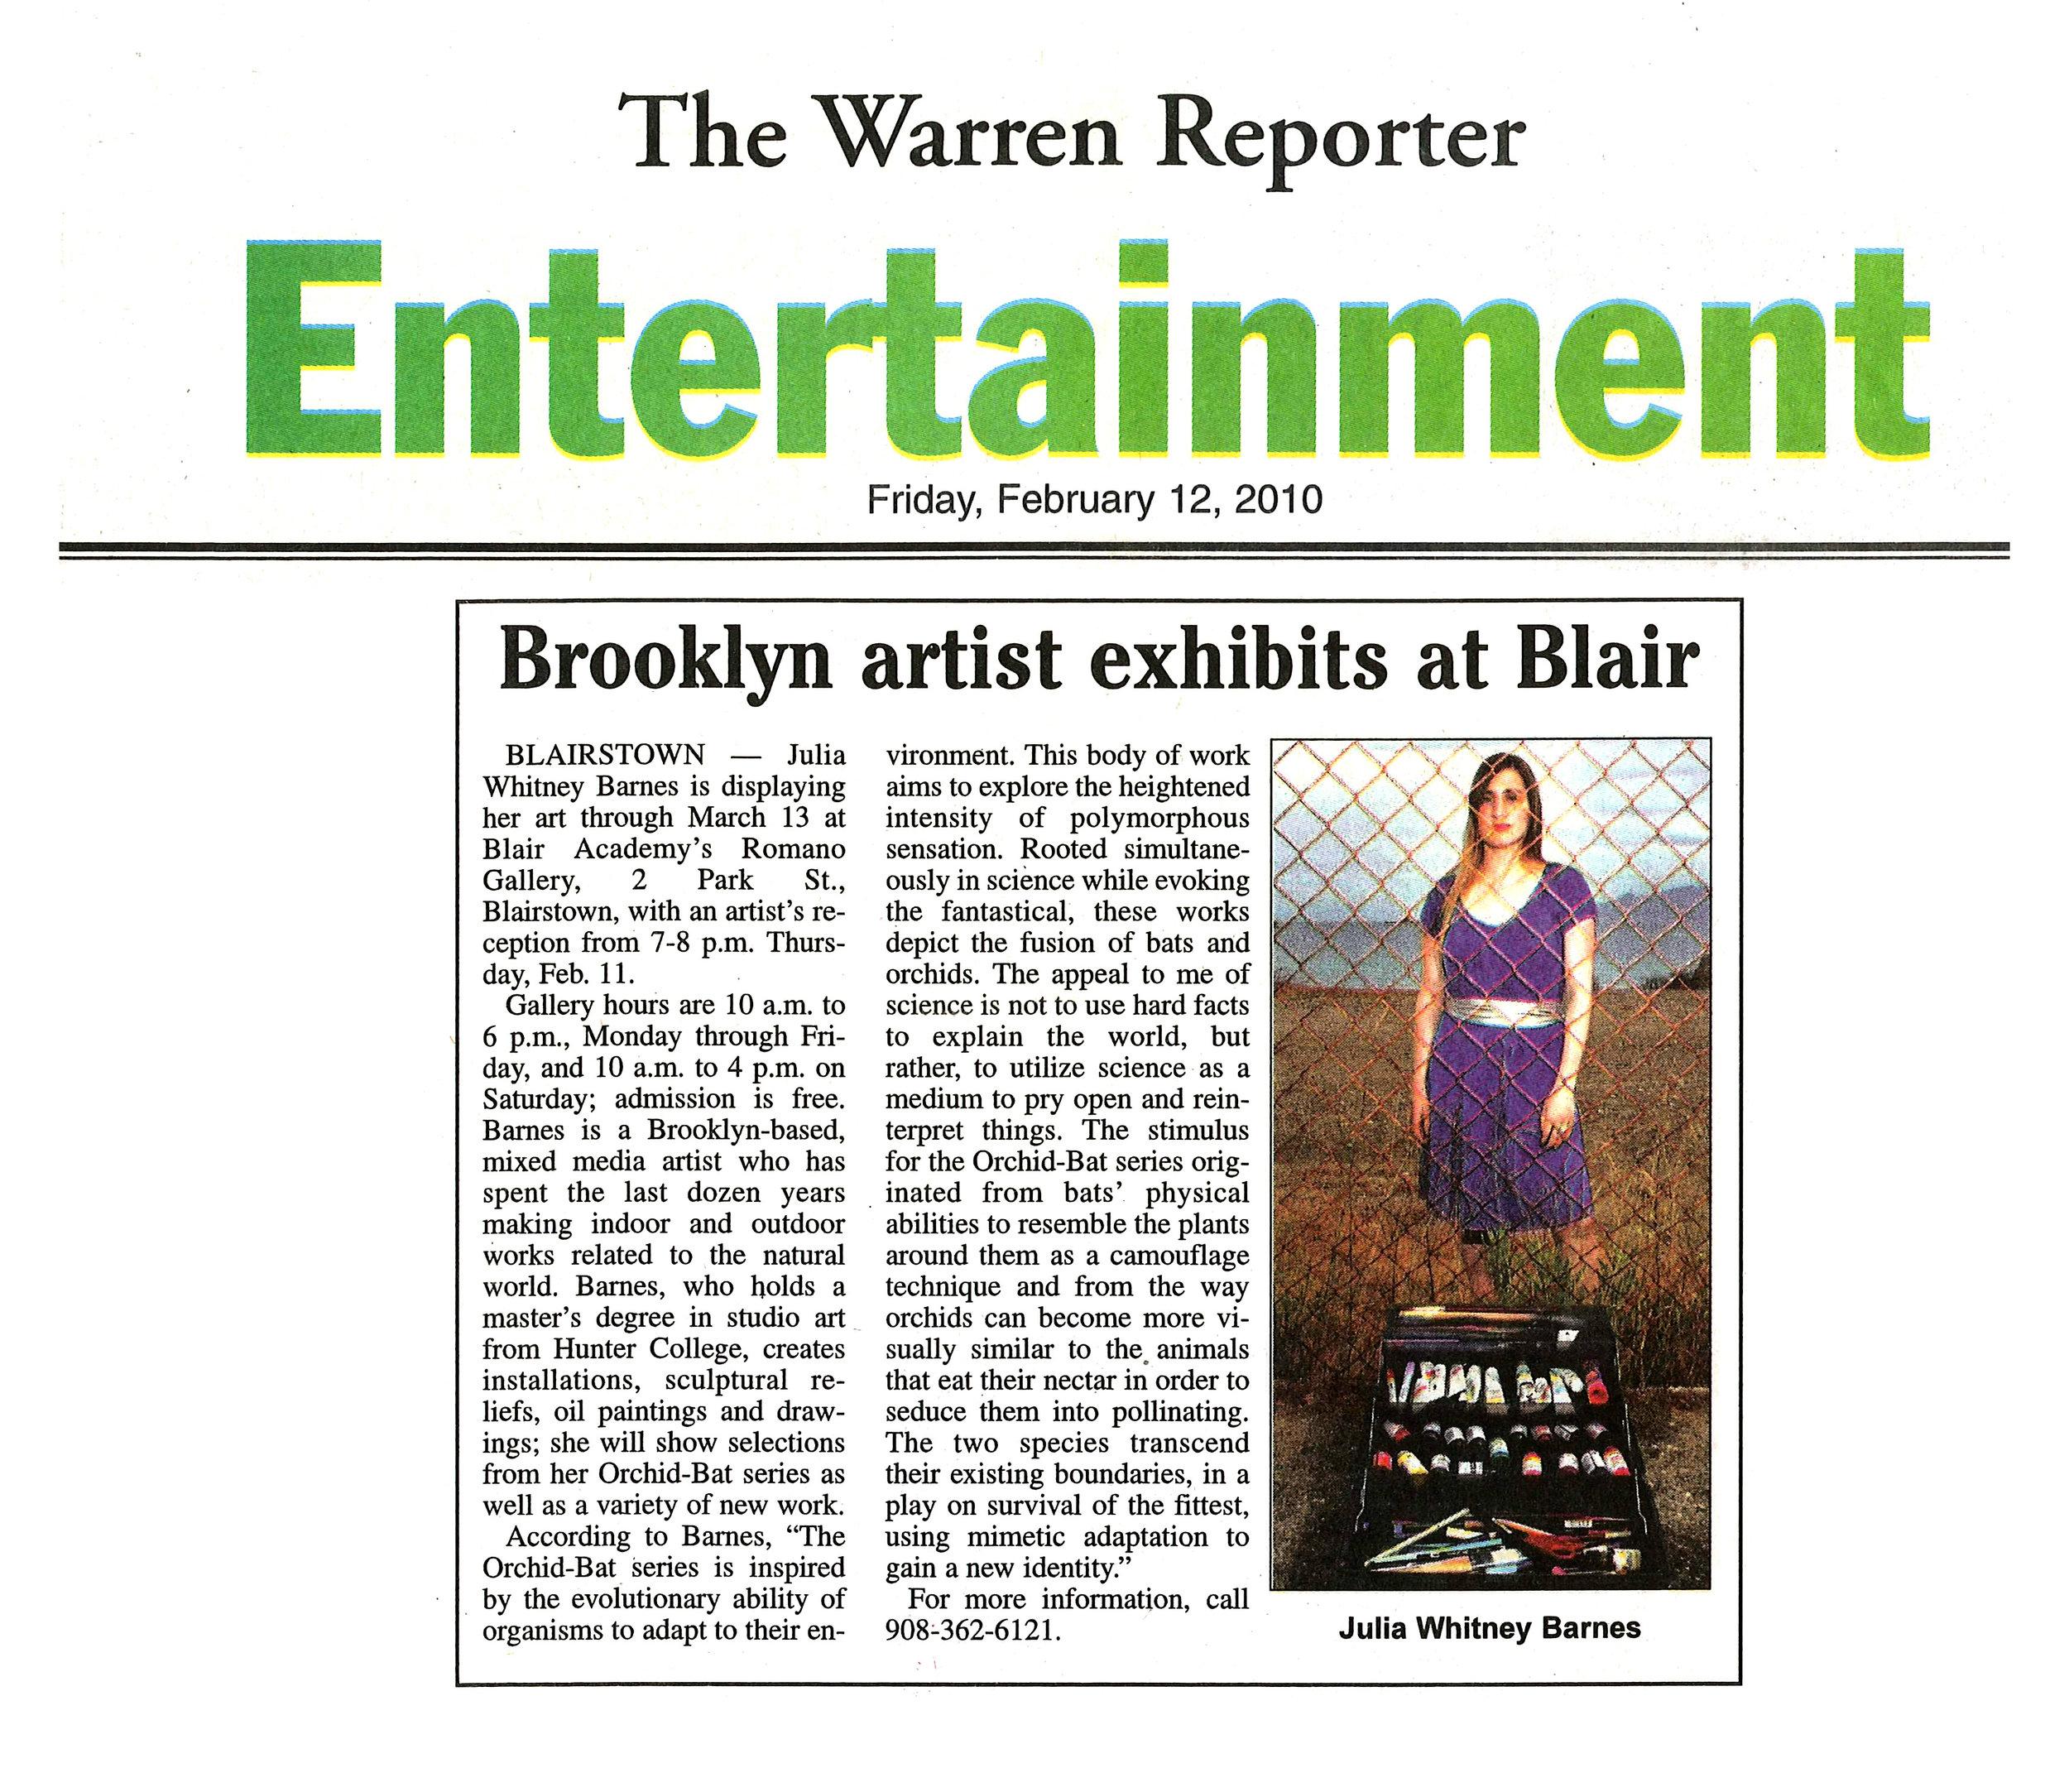 The Warren Reporter